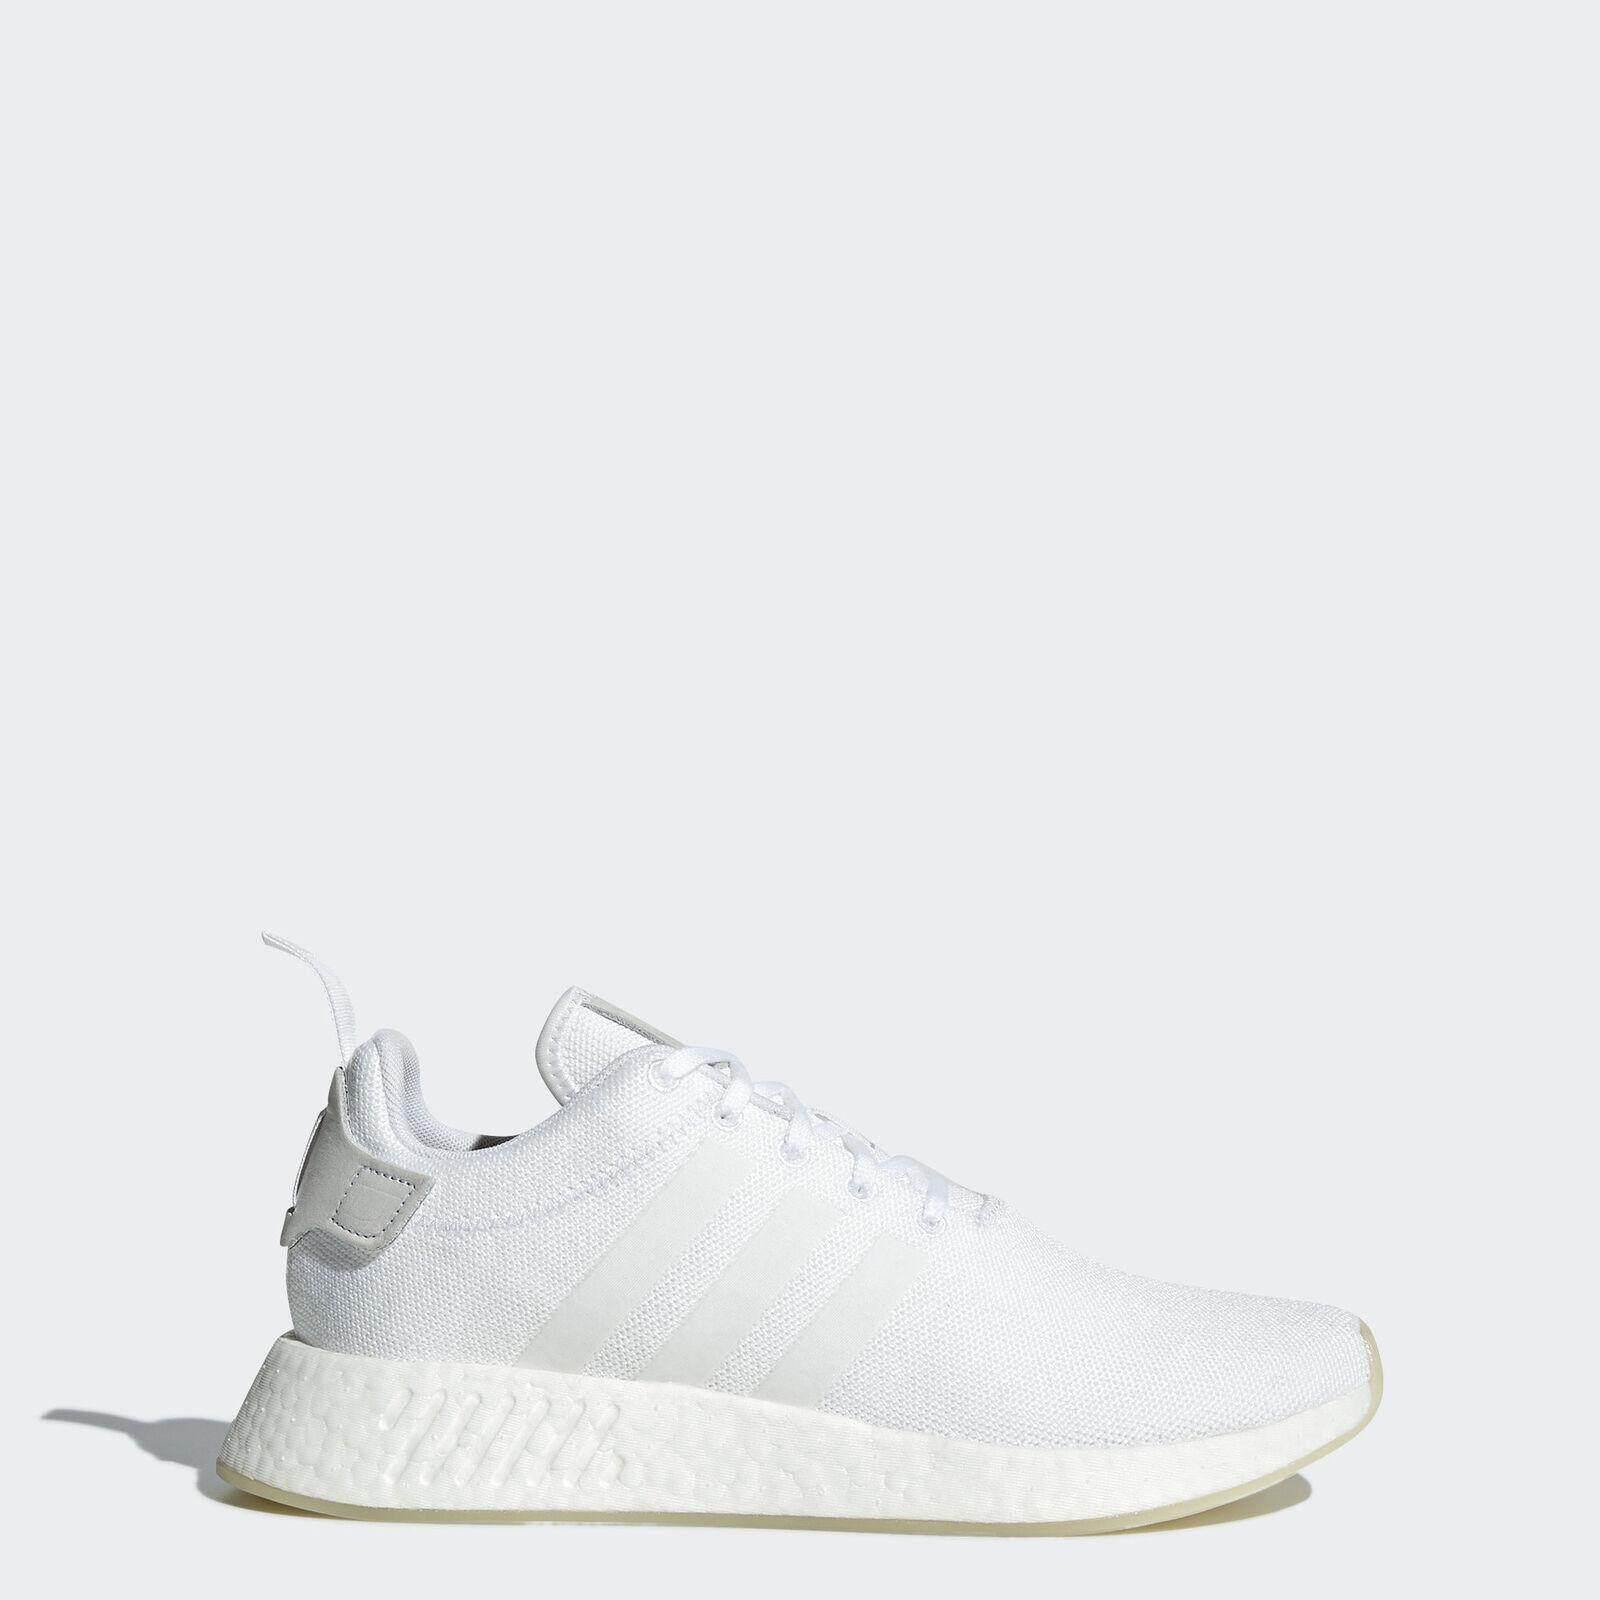 ยี่ห้อนี้ดีไหม  ปทุมธานี adidas Originals NMD R2 Cloud White / Cloud White